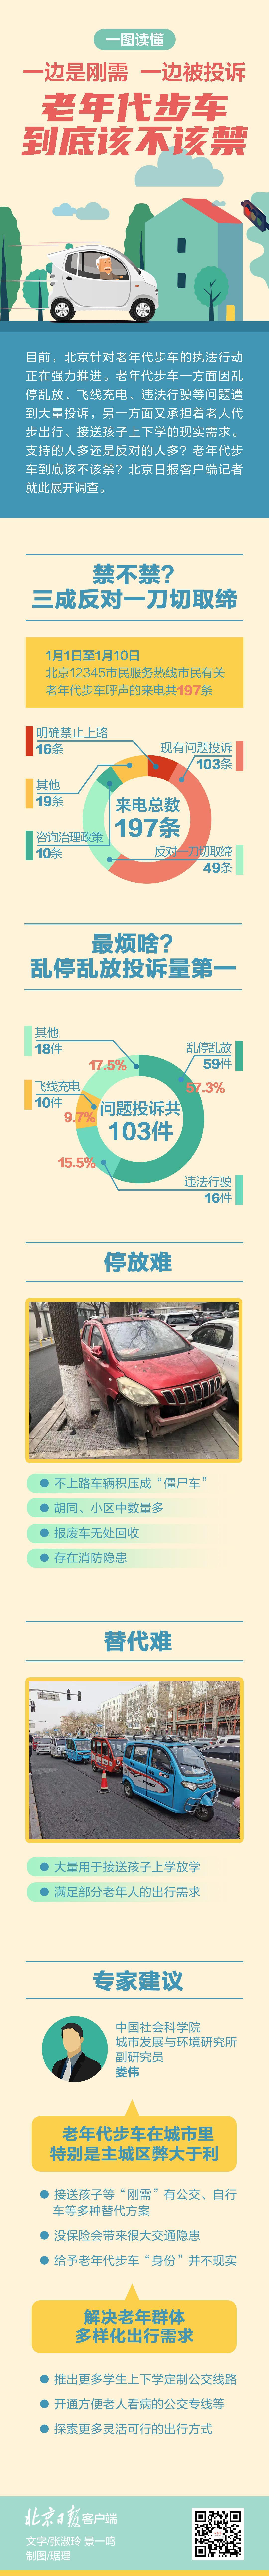 北京到底该不该禁老年代步车?调查数据一图读懂图片